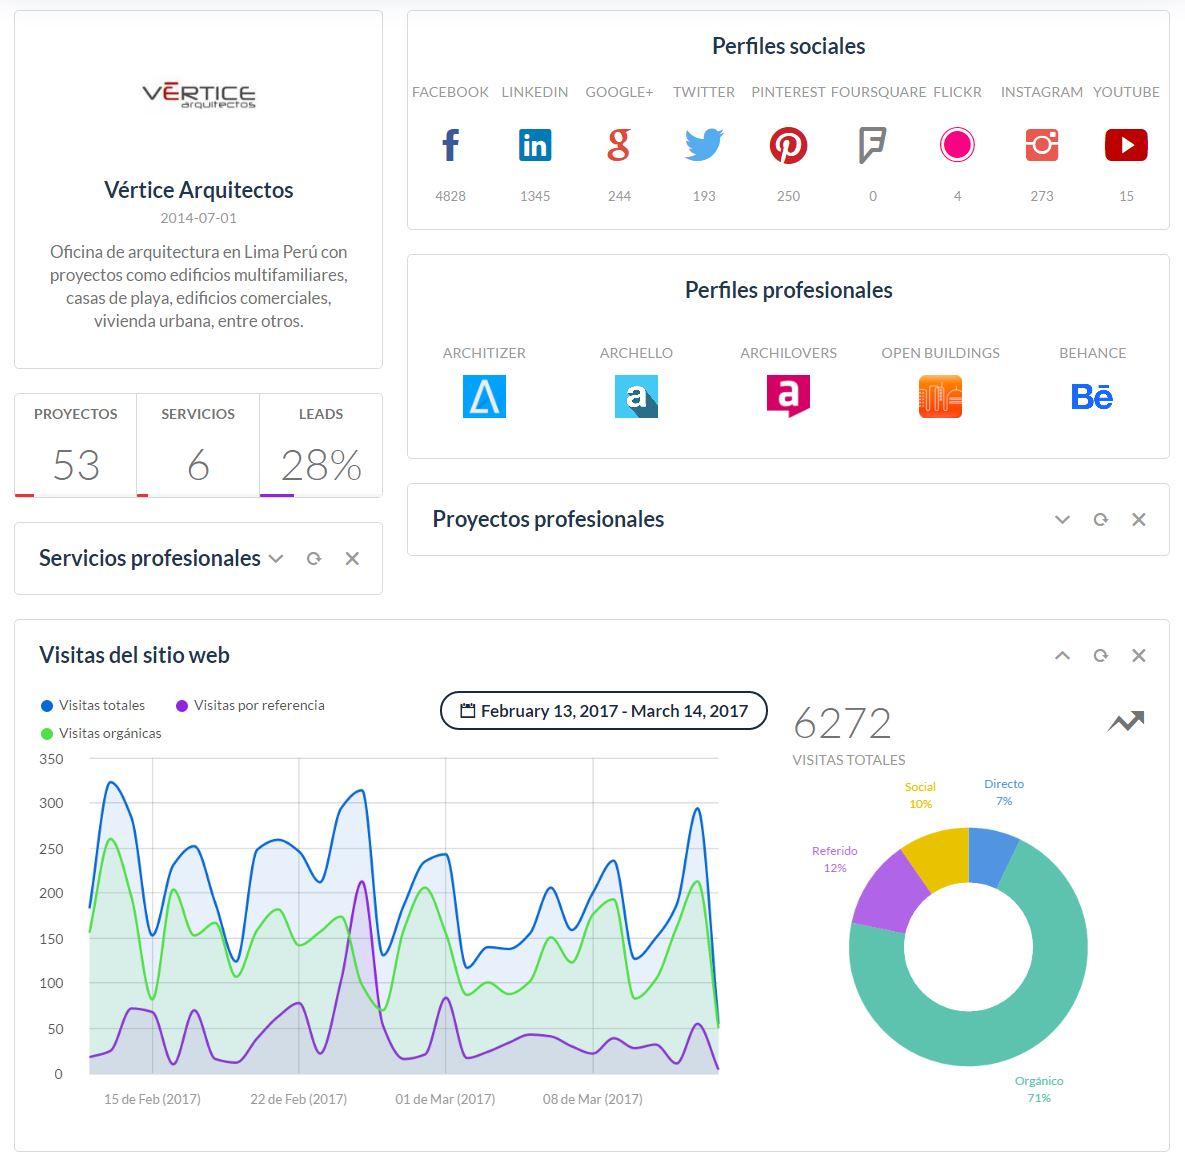 Outosurcing Digital a Vértice Arquitectos en Perú